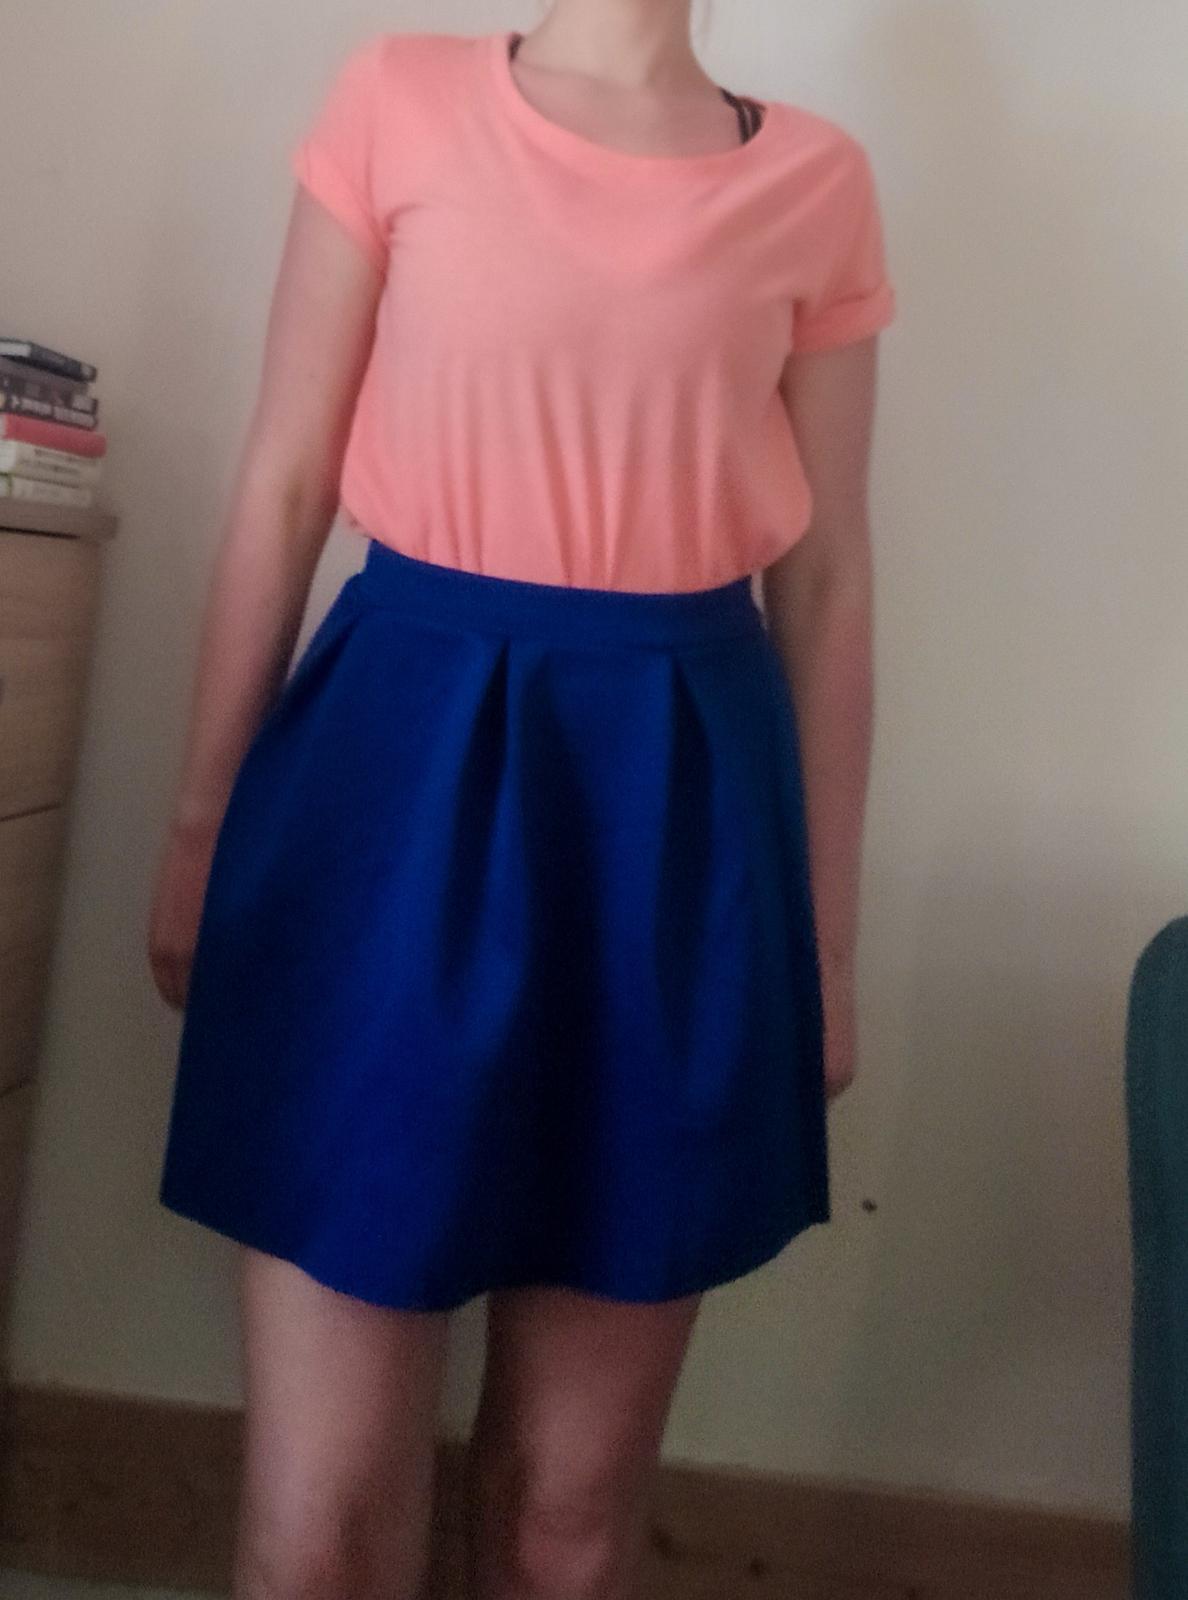 Královsky modrá skládaná mini sukně H&M - vel. 38 - Obrázek č. 4